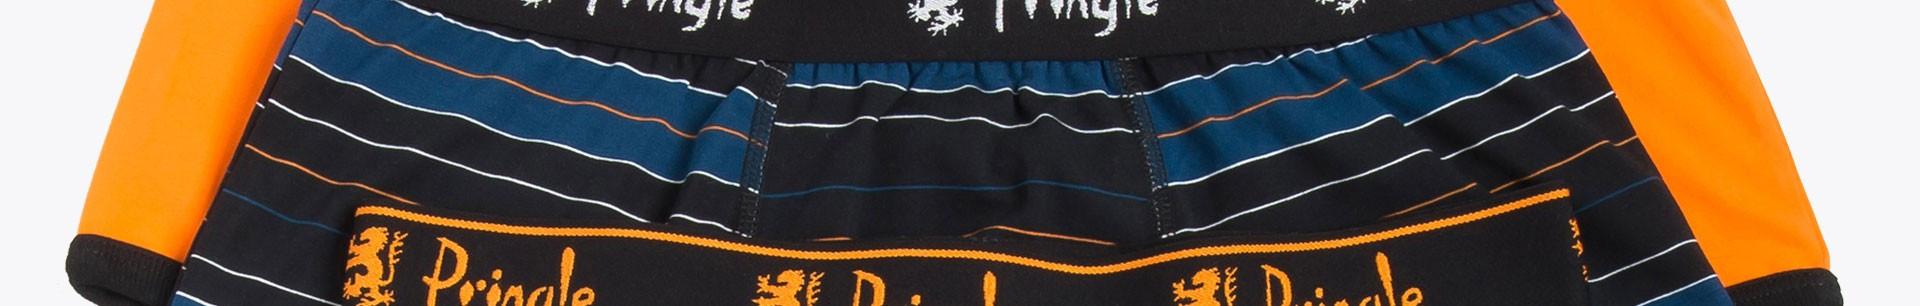 Men's Underwear at SockBazaar | Underwear for Men